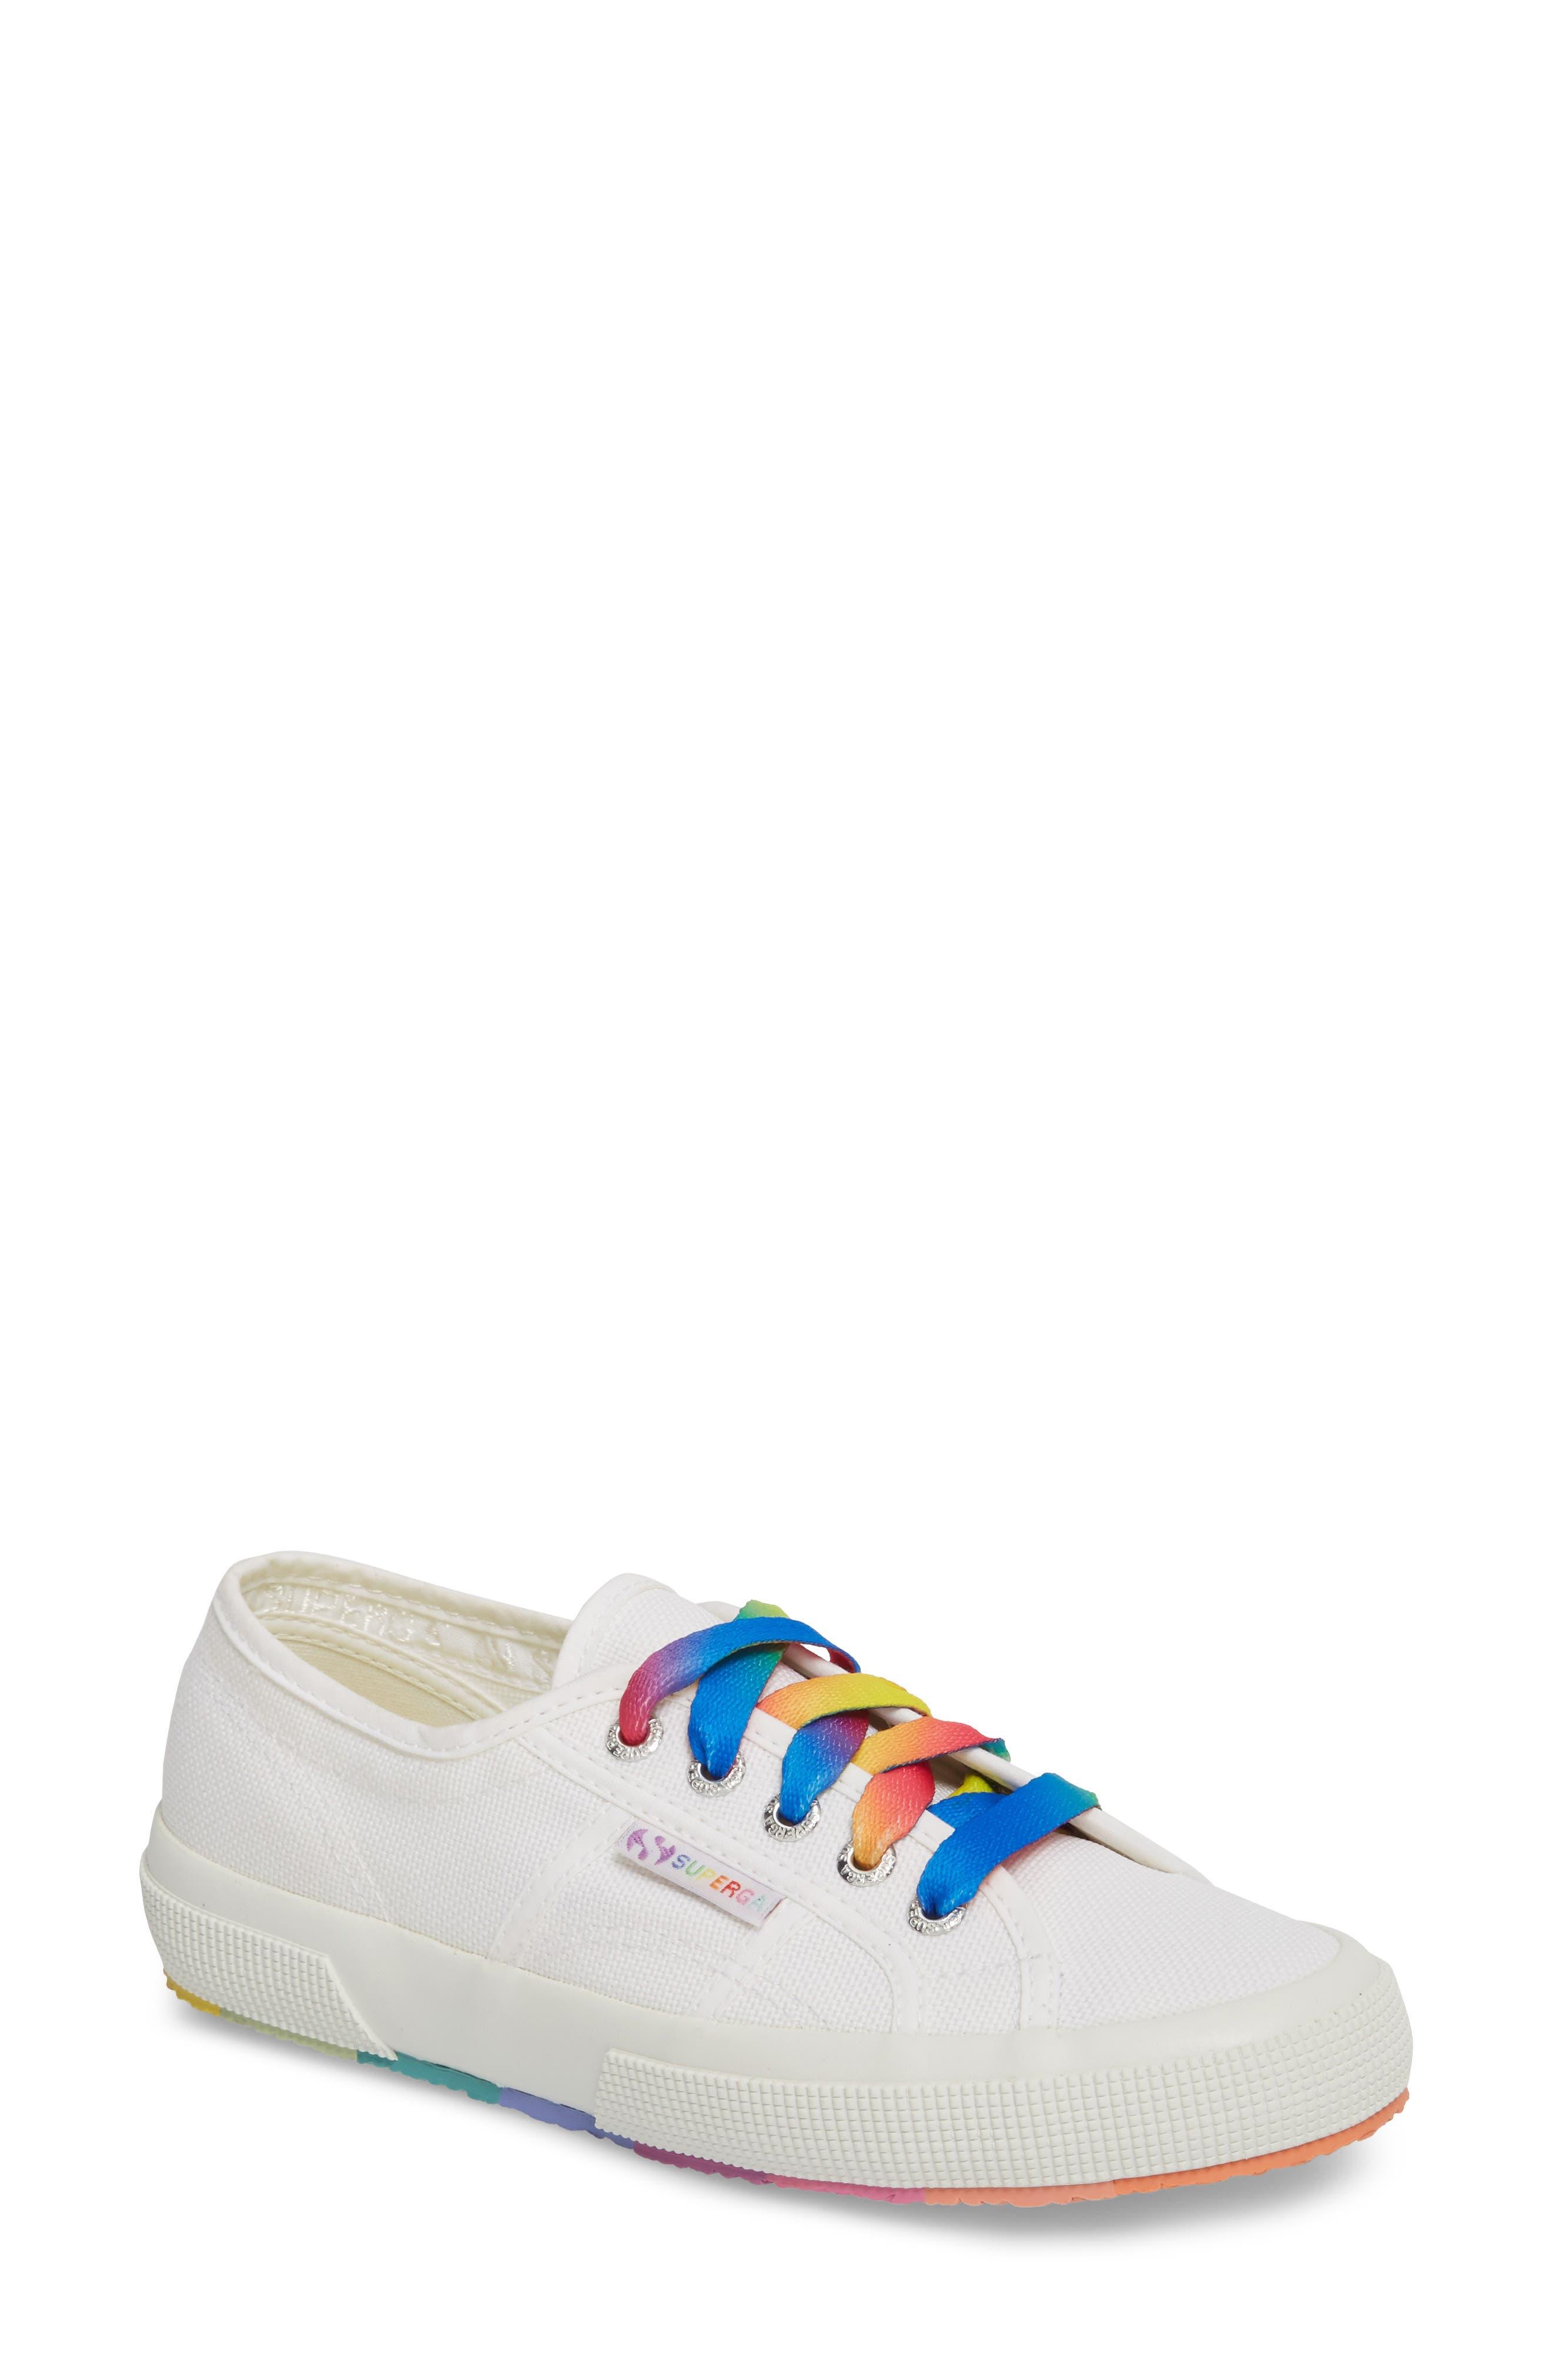 2750 Multicolor Sneaker,                         Main,                         color, White Multi